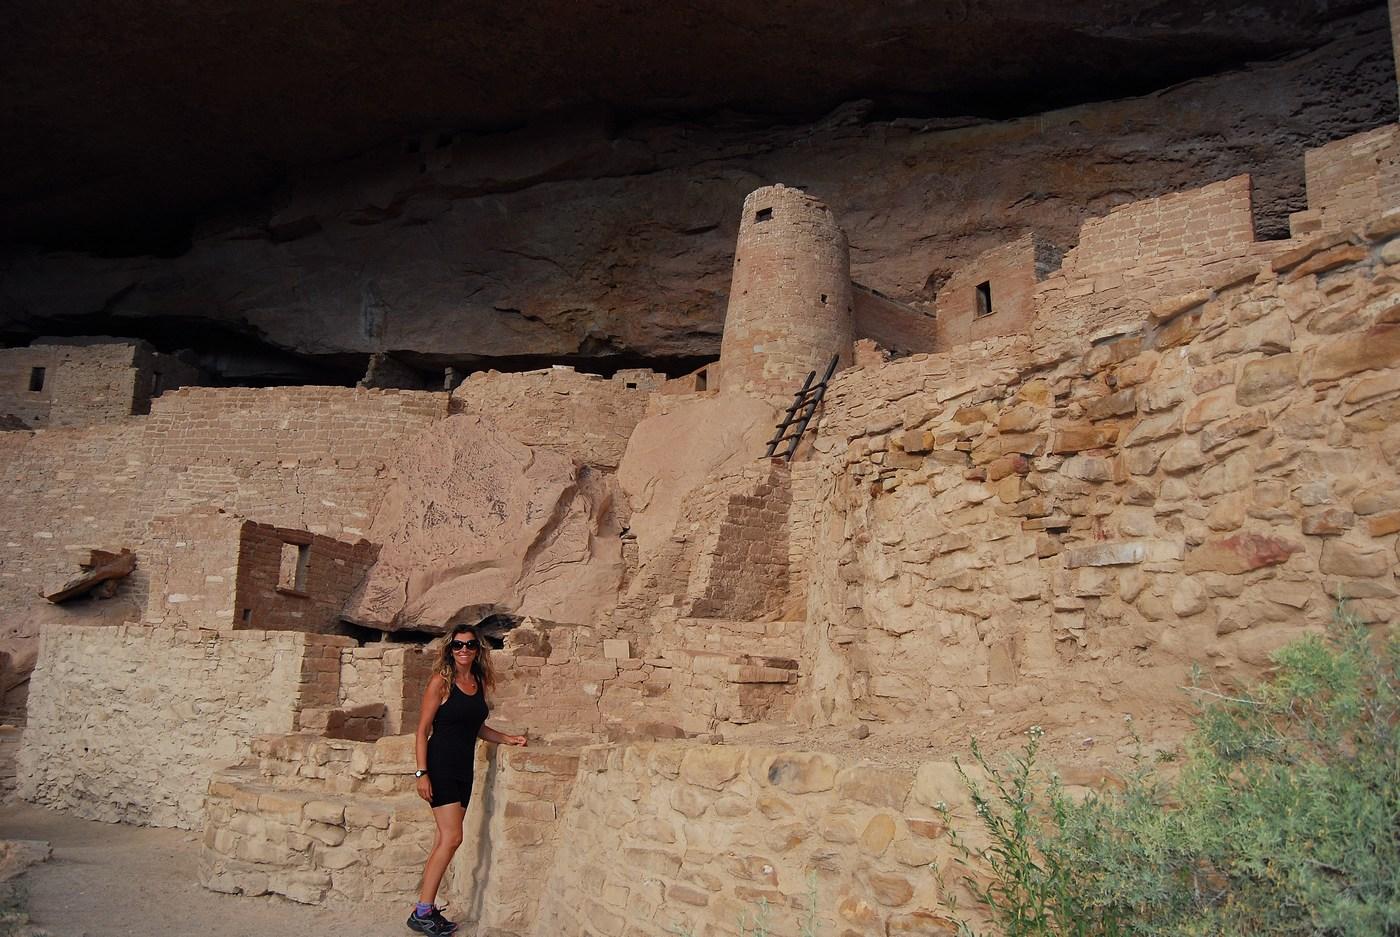 Les pièces d'habitation étaient à l'époque enduites de couleurs vives. Les familles vivaient ensemble et partageaient les chambres. Au plus profond du surplomb, on stockait les récoltes comme les haricots ou les courges.